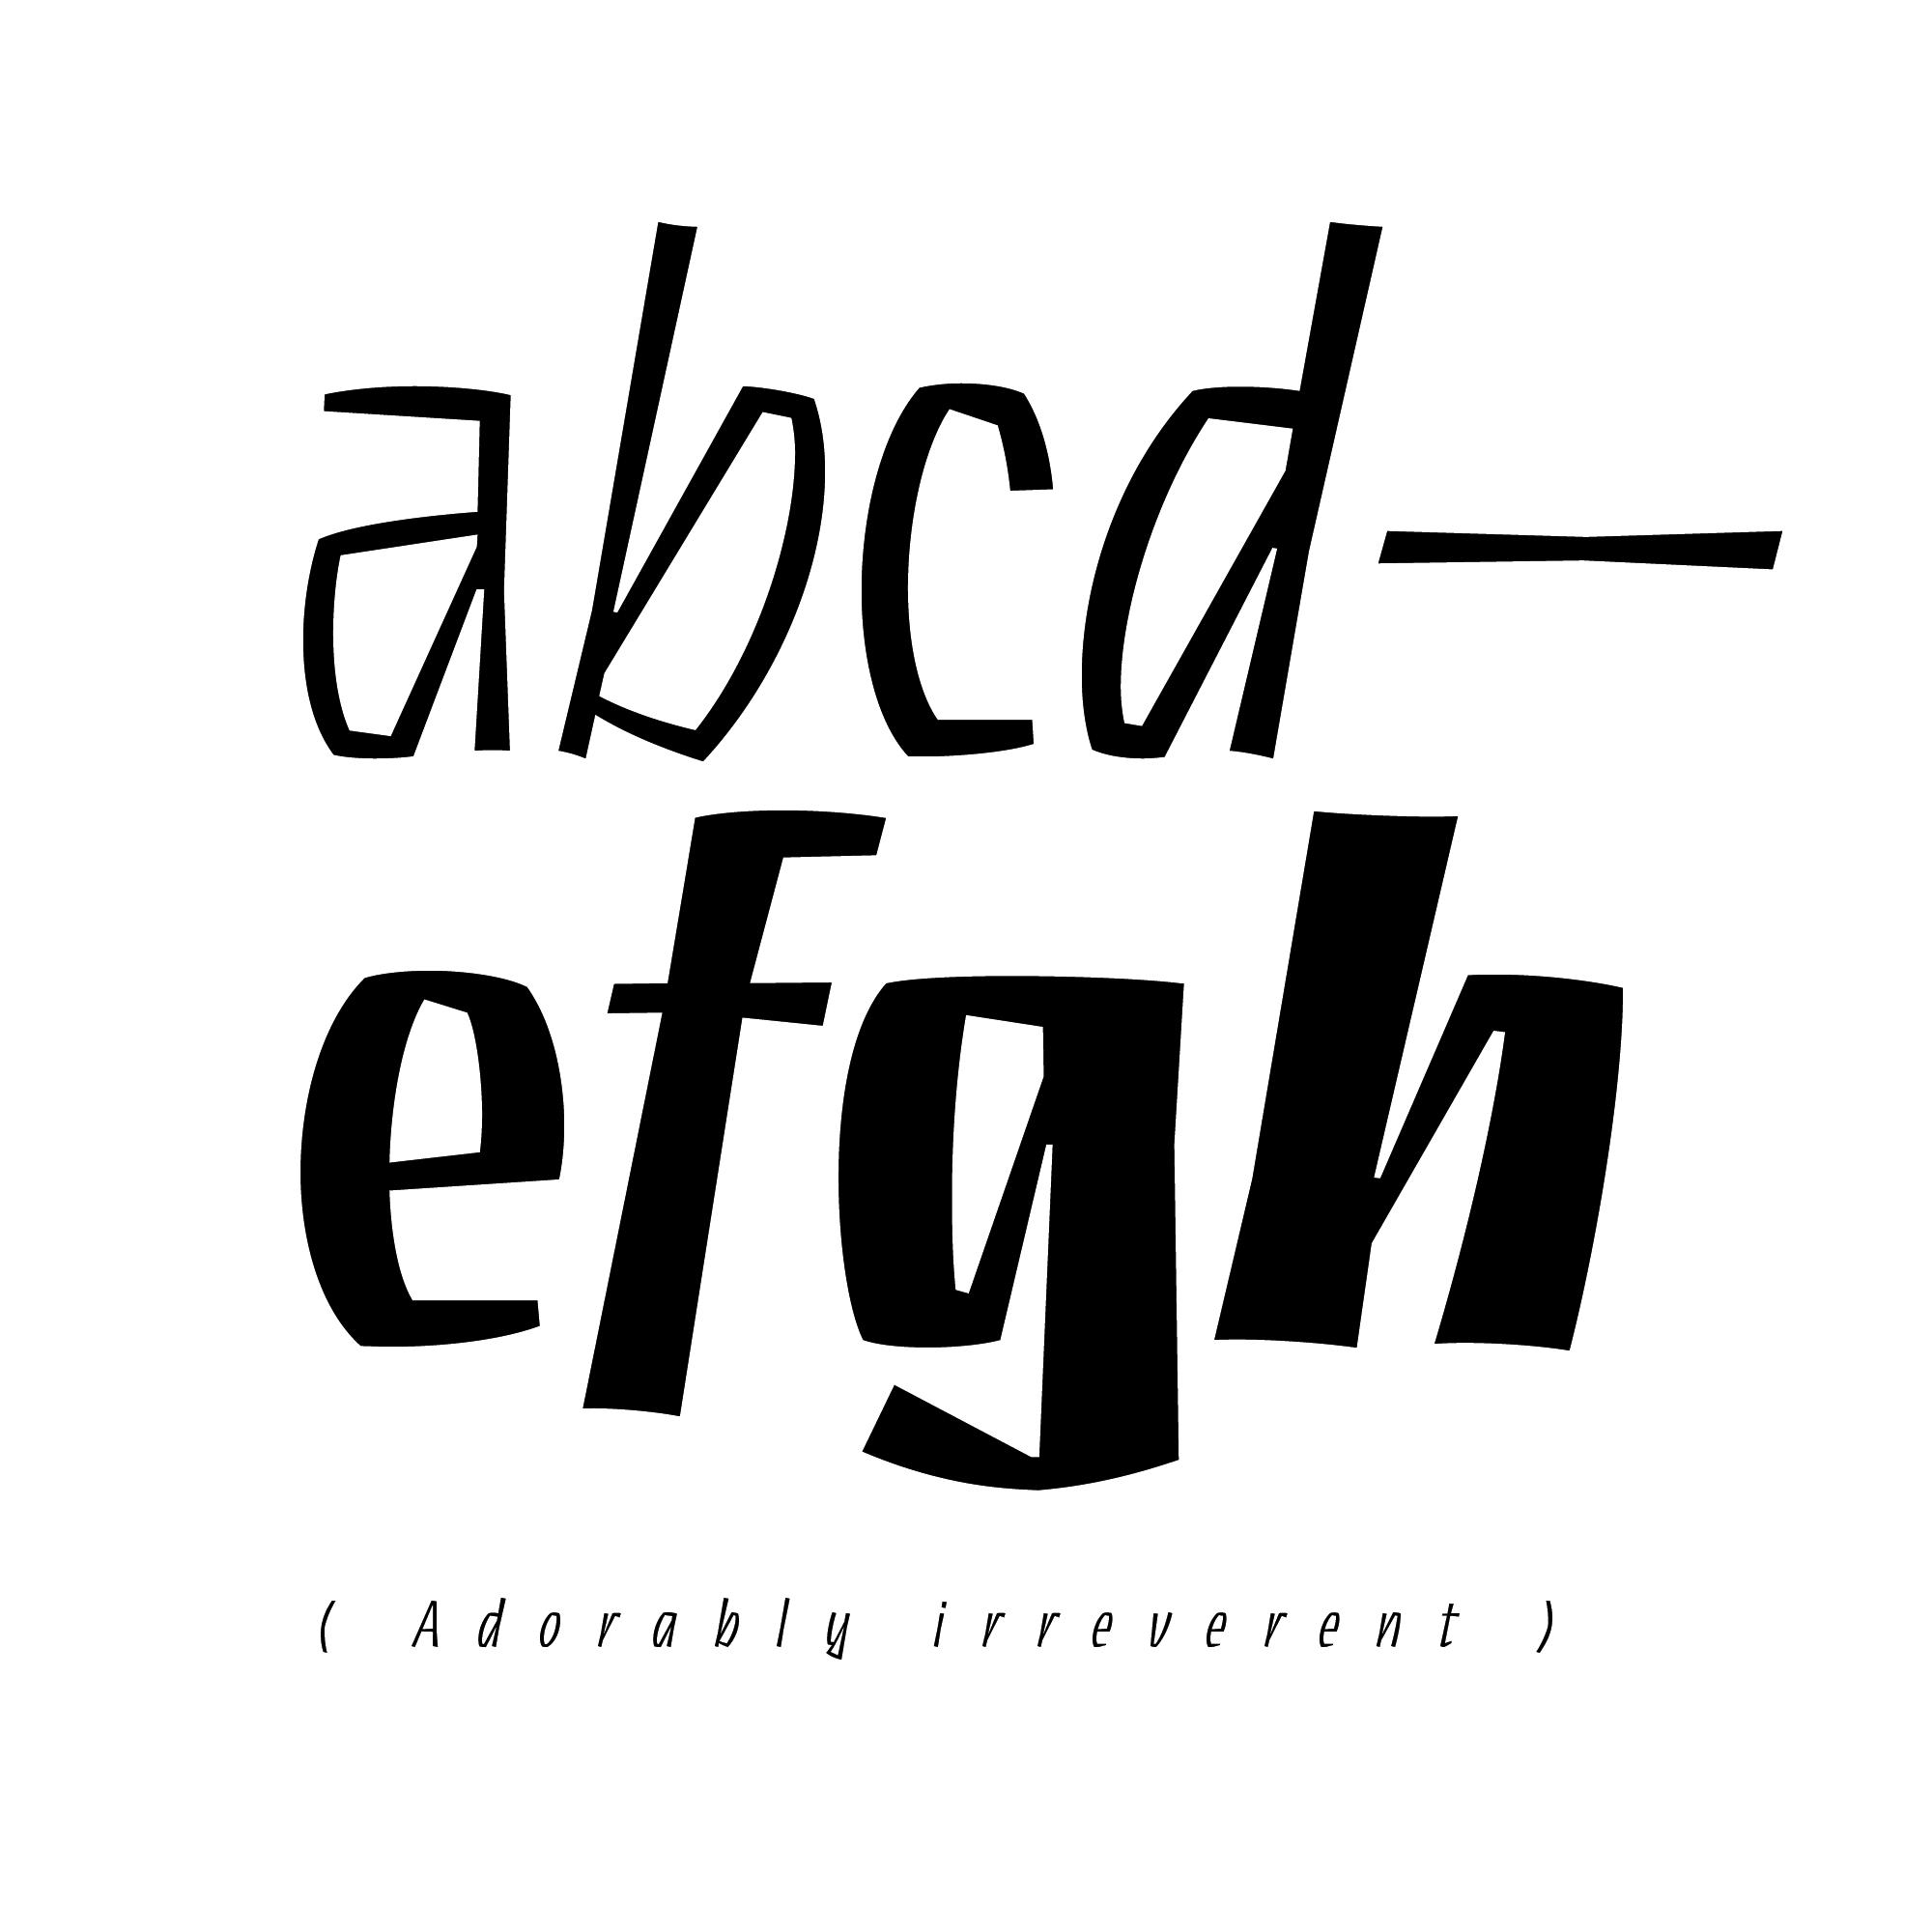 Découpe fonts